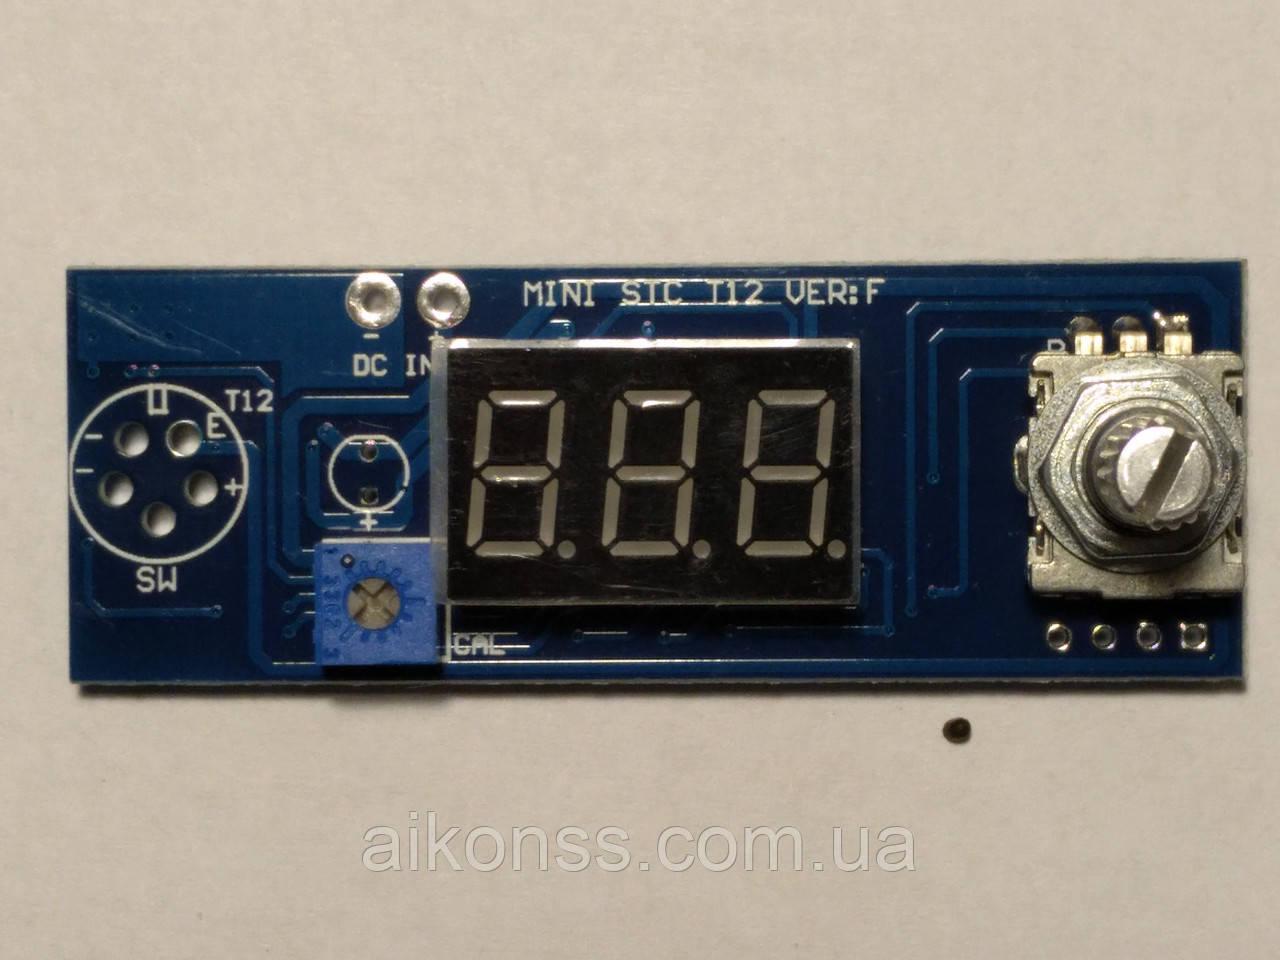 Плата модуль - LED Паяльная станция T12 Микроконтроллер 70W